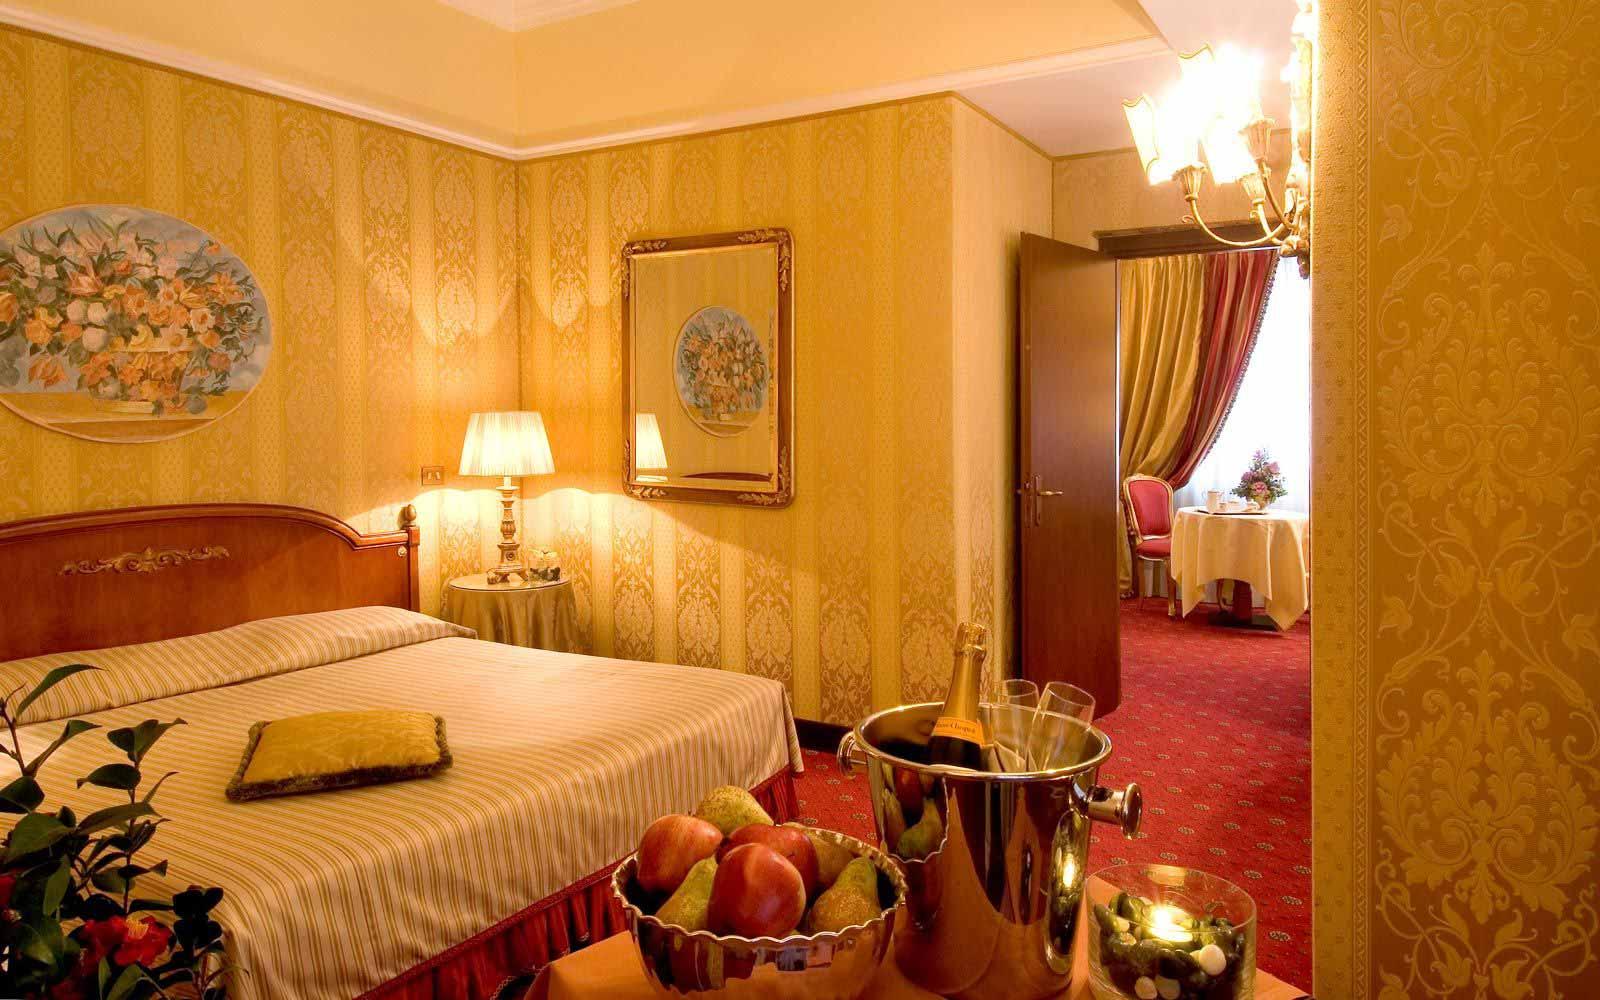 Suite at Hotel De La Ville